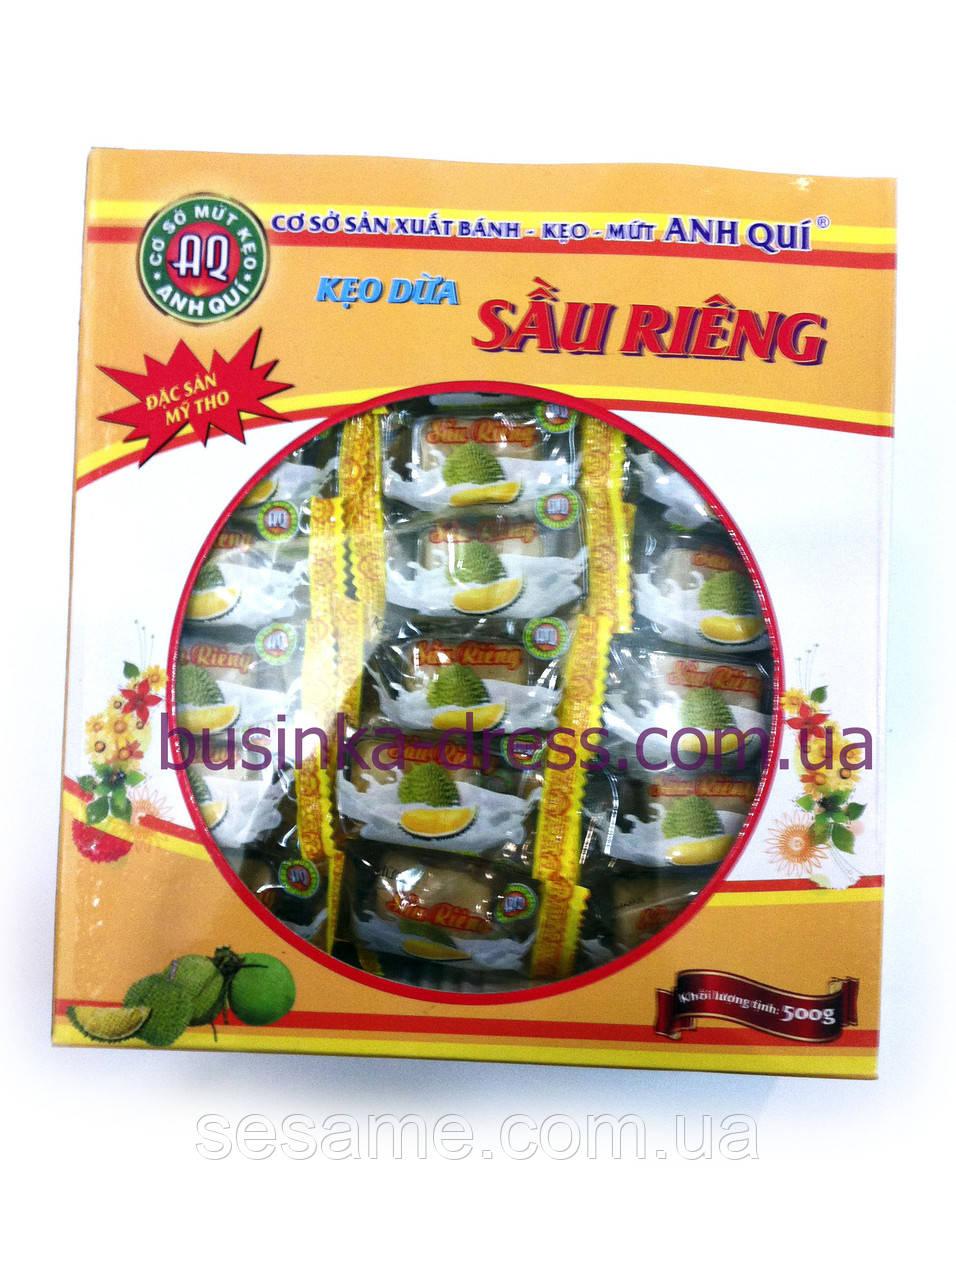 Кокосовые фруктовые натуральные конфеты 500г из Дуриан (Вьетнам)